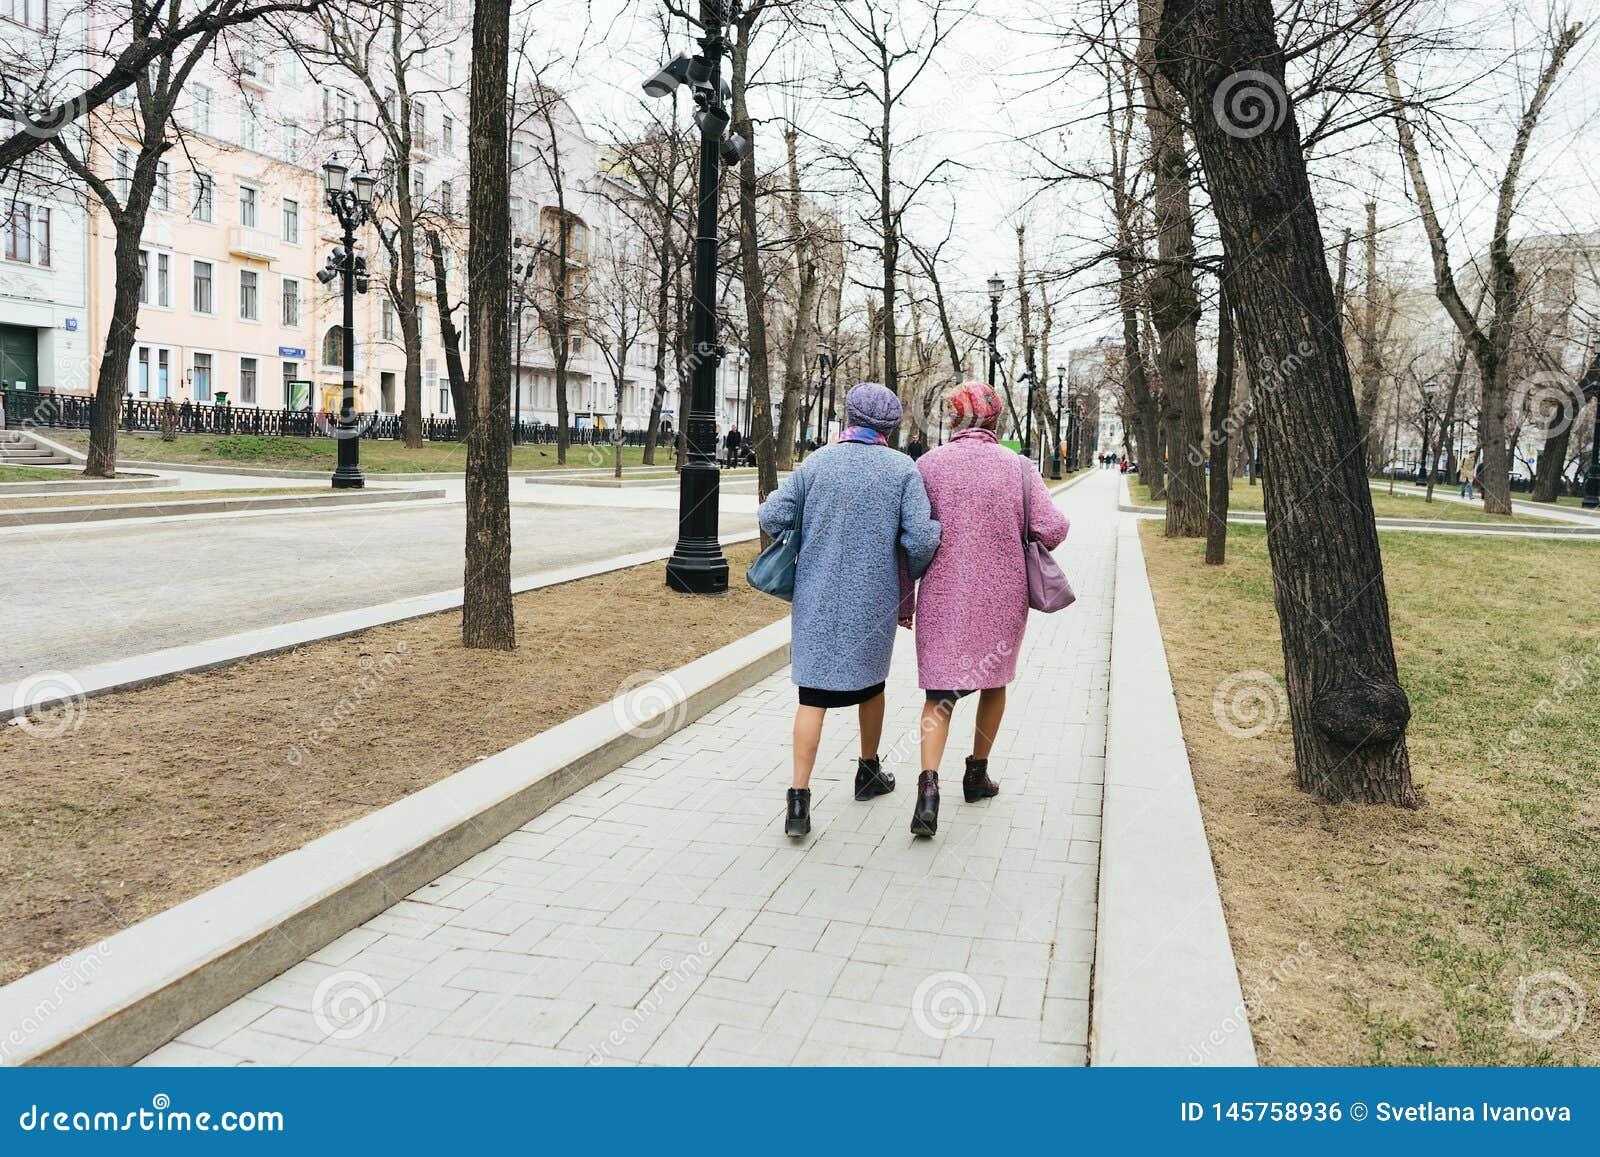 Москва, Россия - 04 20 2019: 2 элегантных более старых идентично одетой бабушки